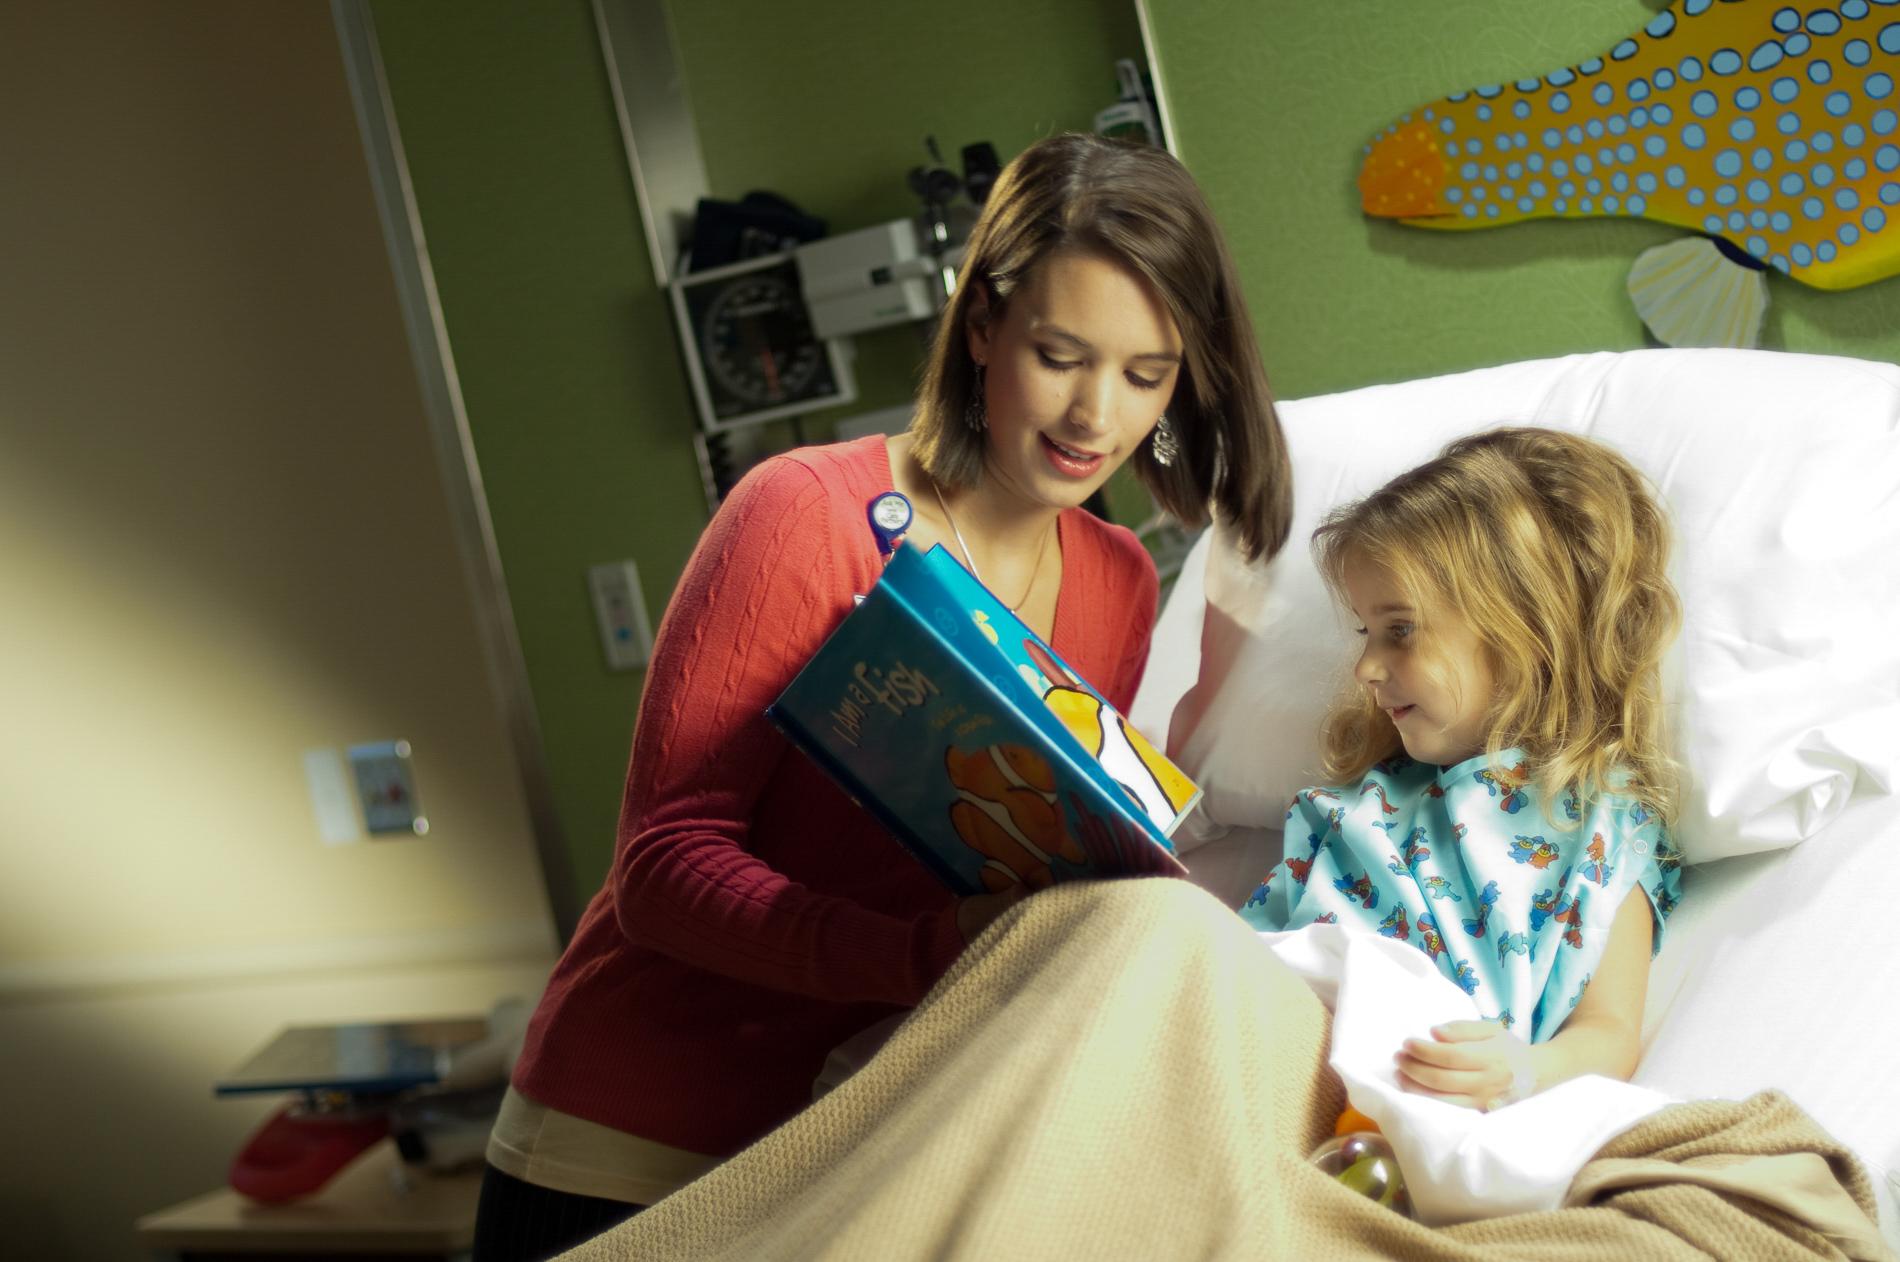 Pediatric Inpatient Care